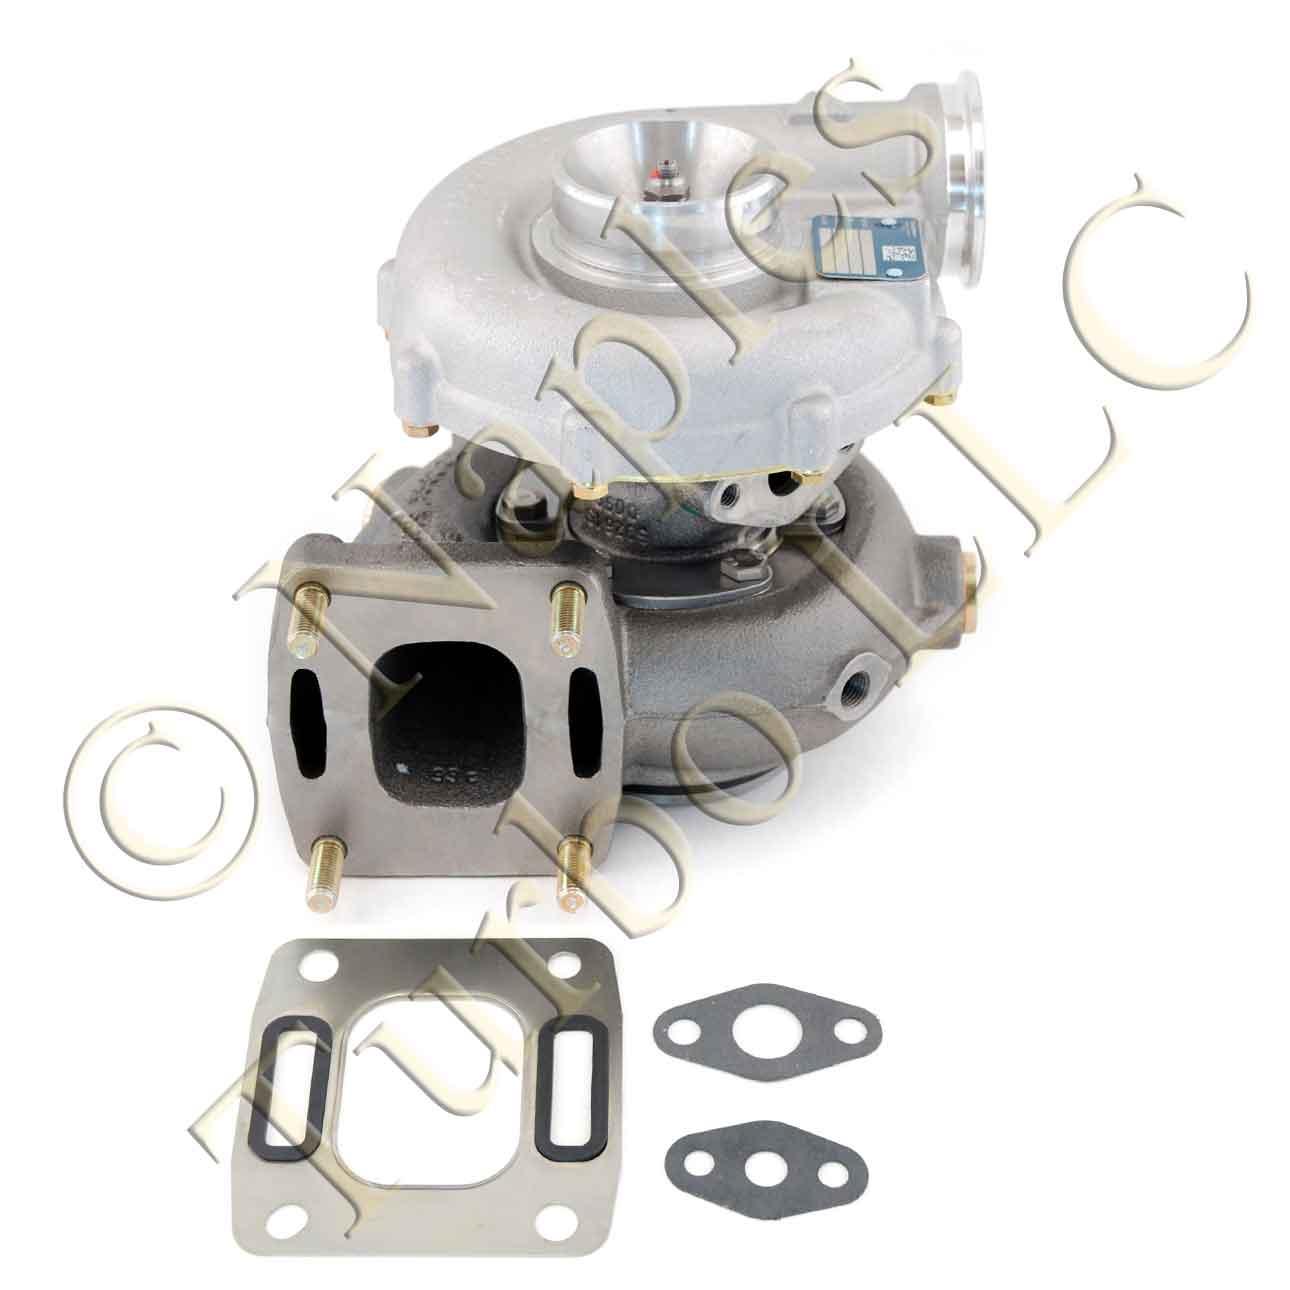 hight resolution of volvo kad32 turbo